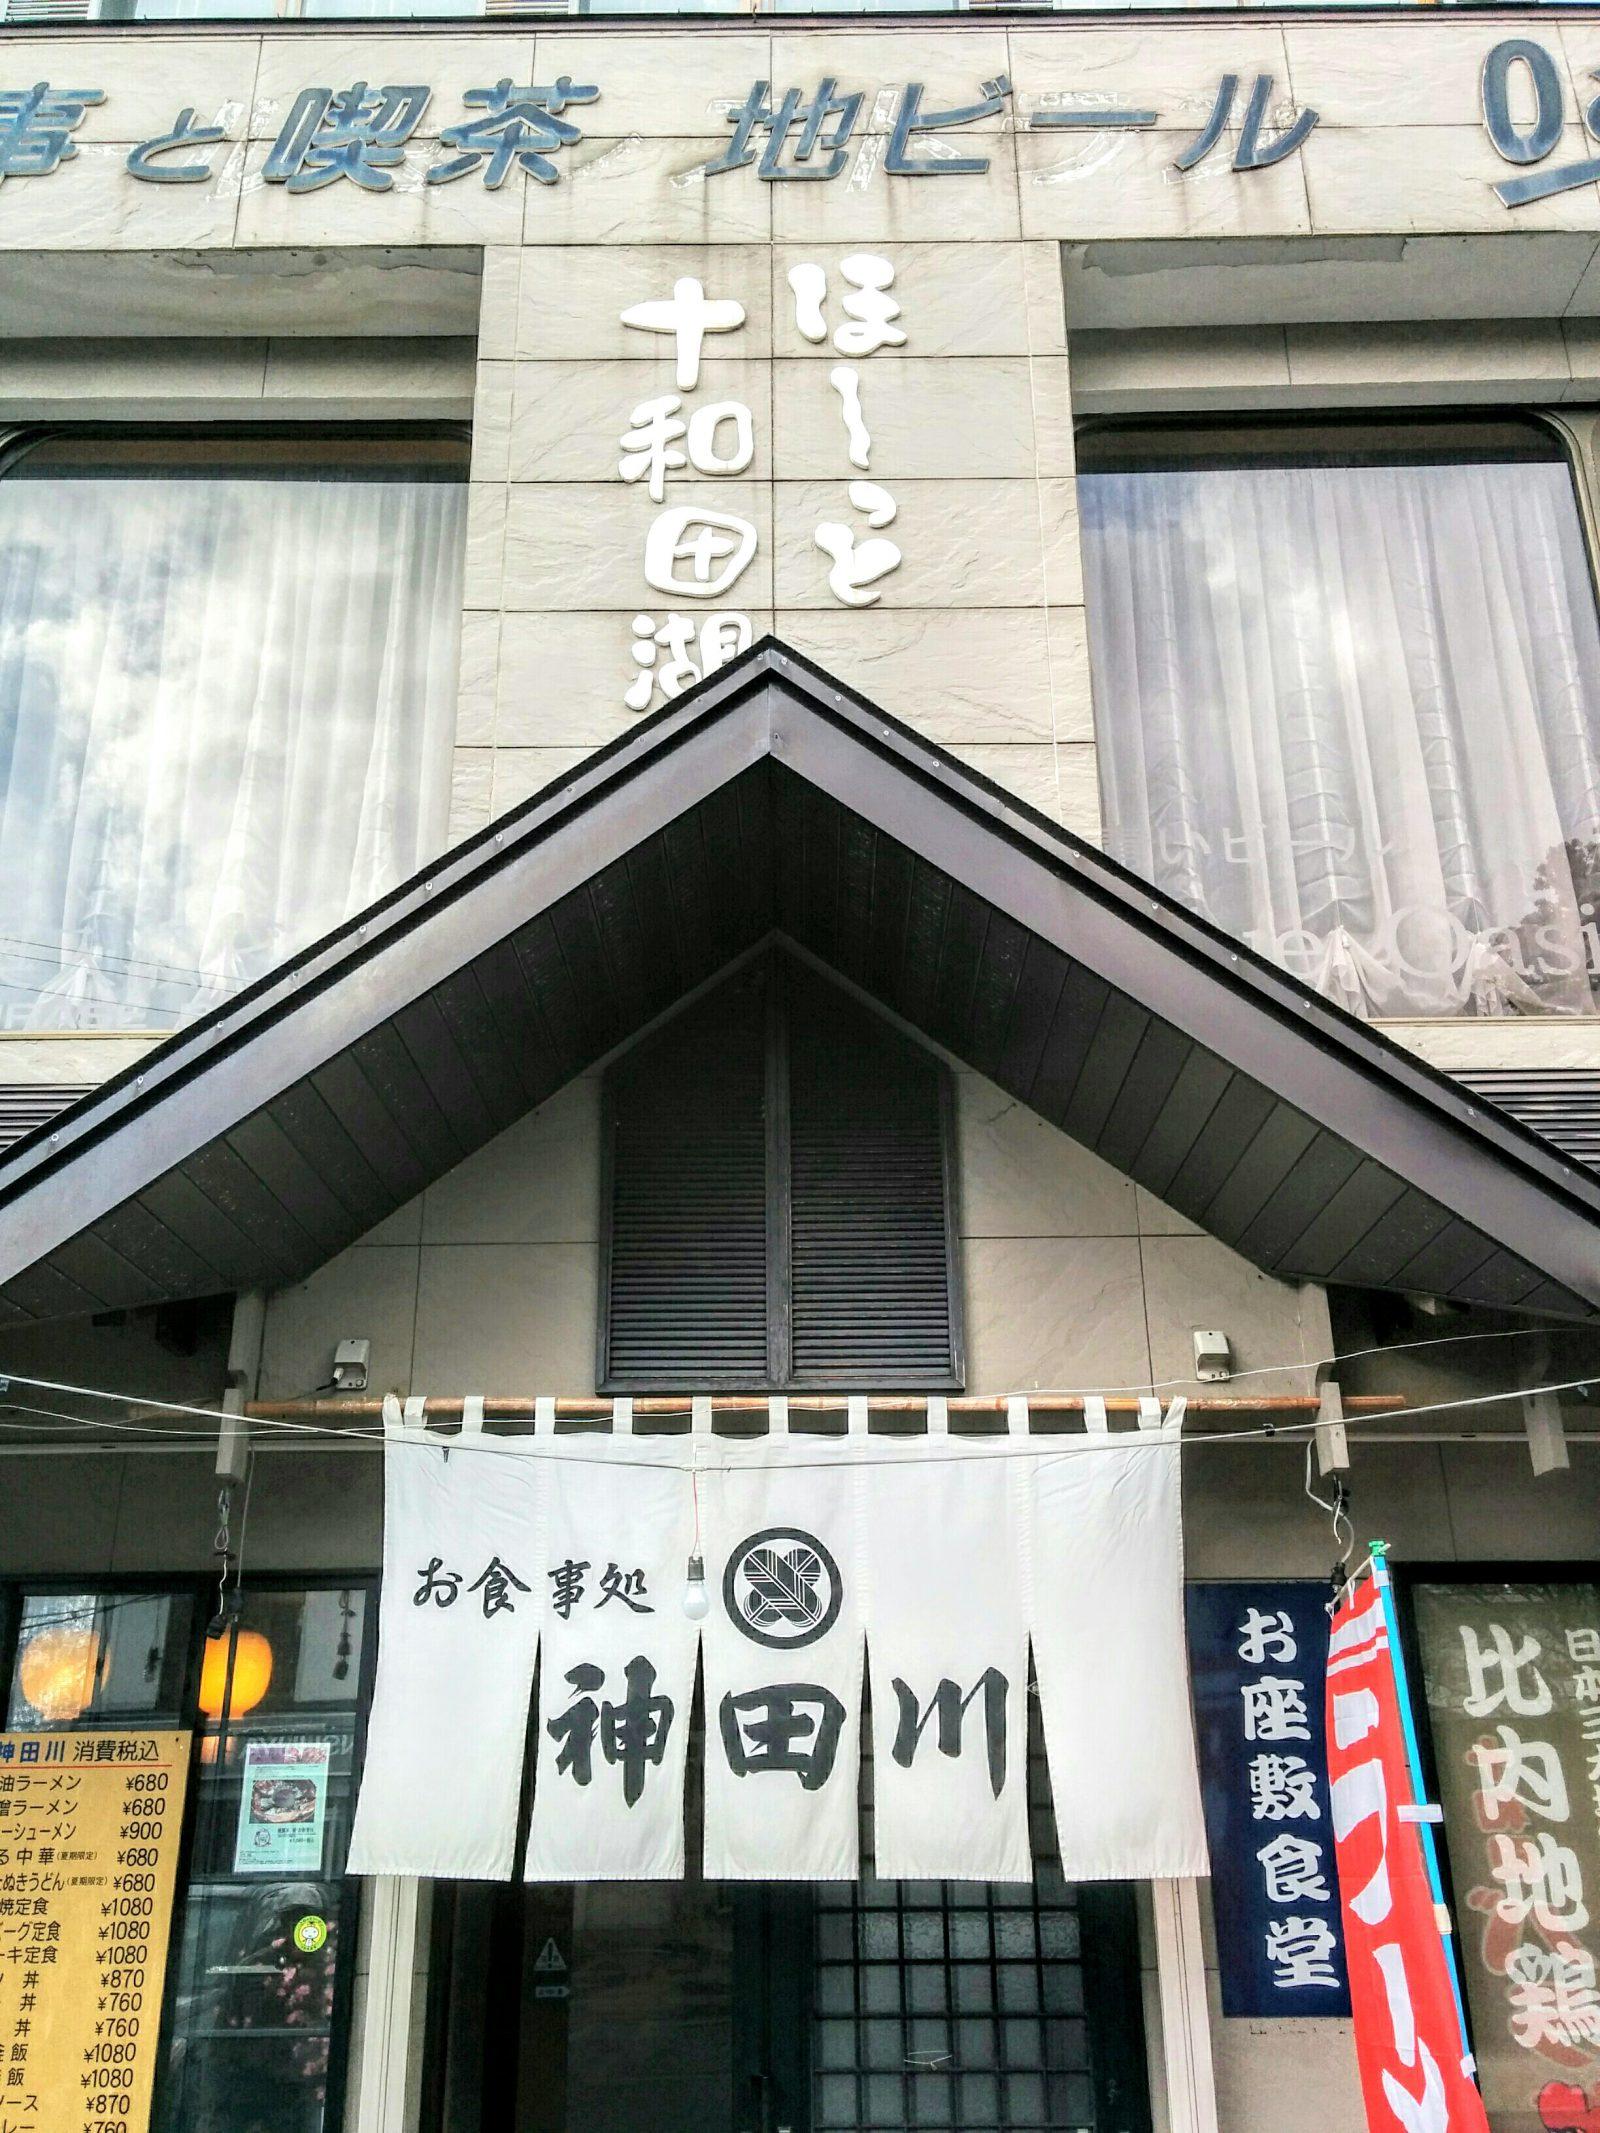 【十和田湖】休屋お食事処・神田川観光グルメ案内です。